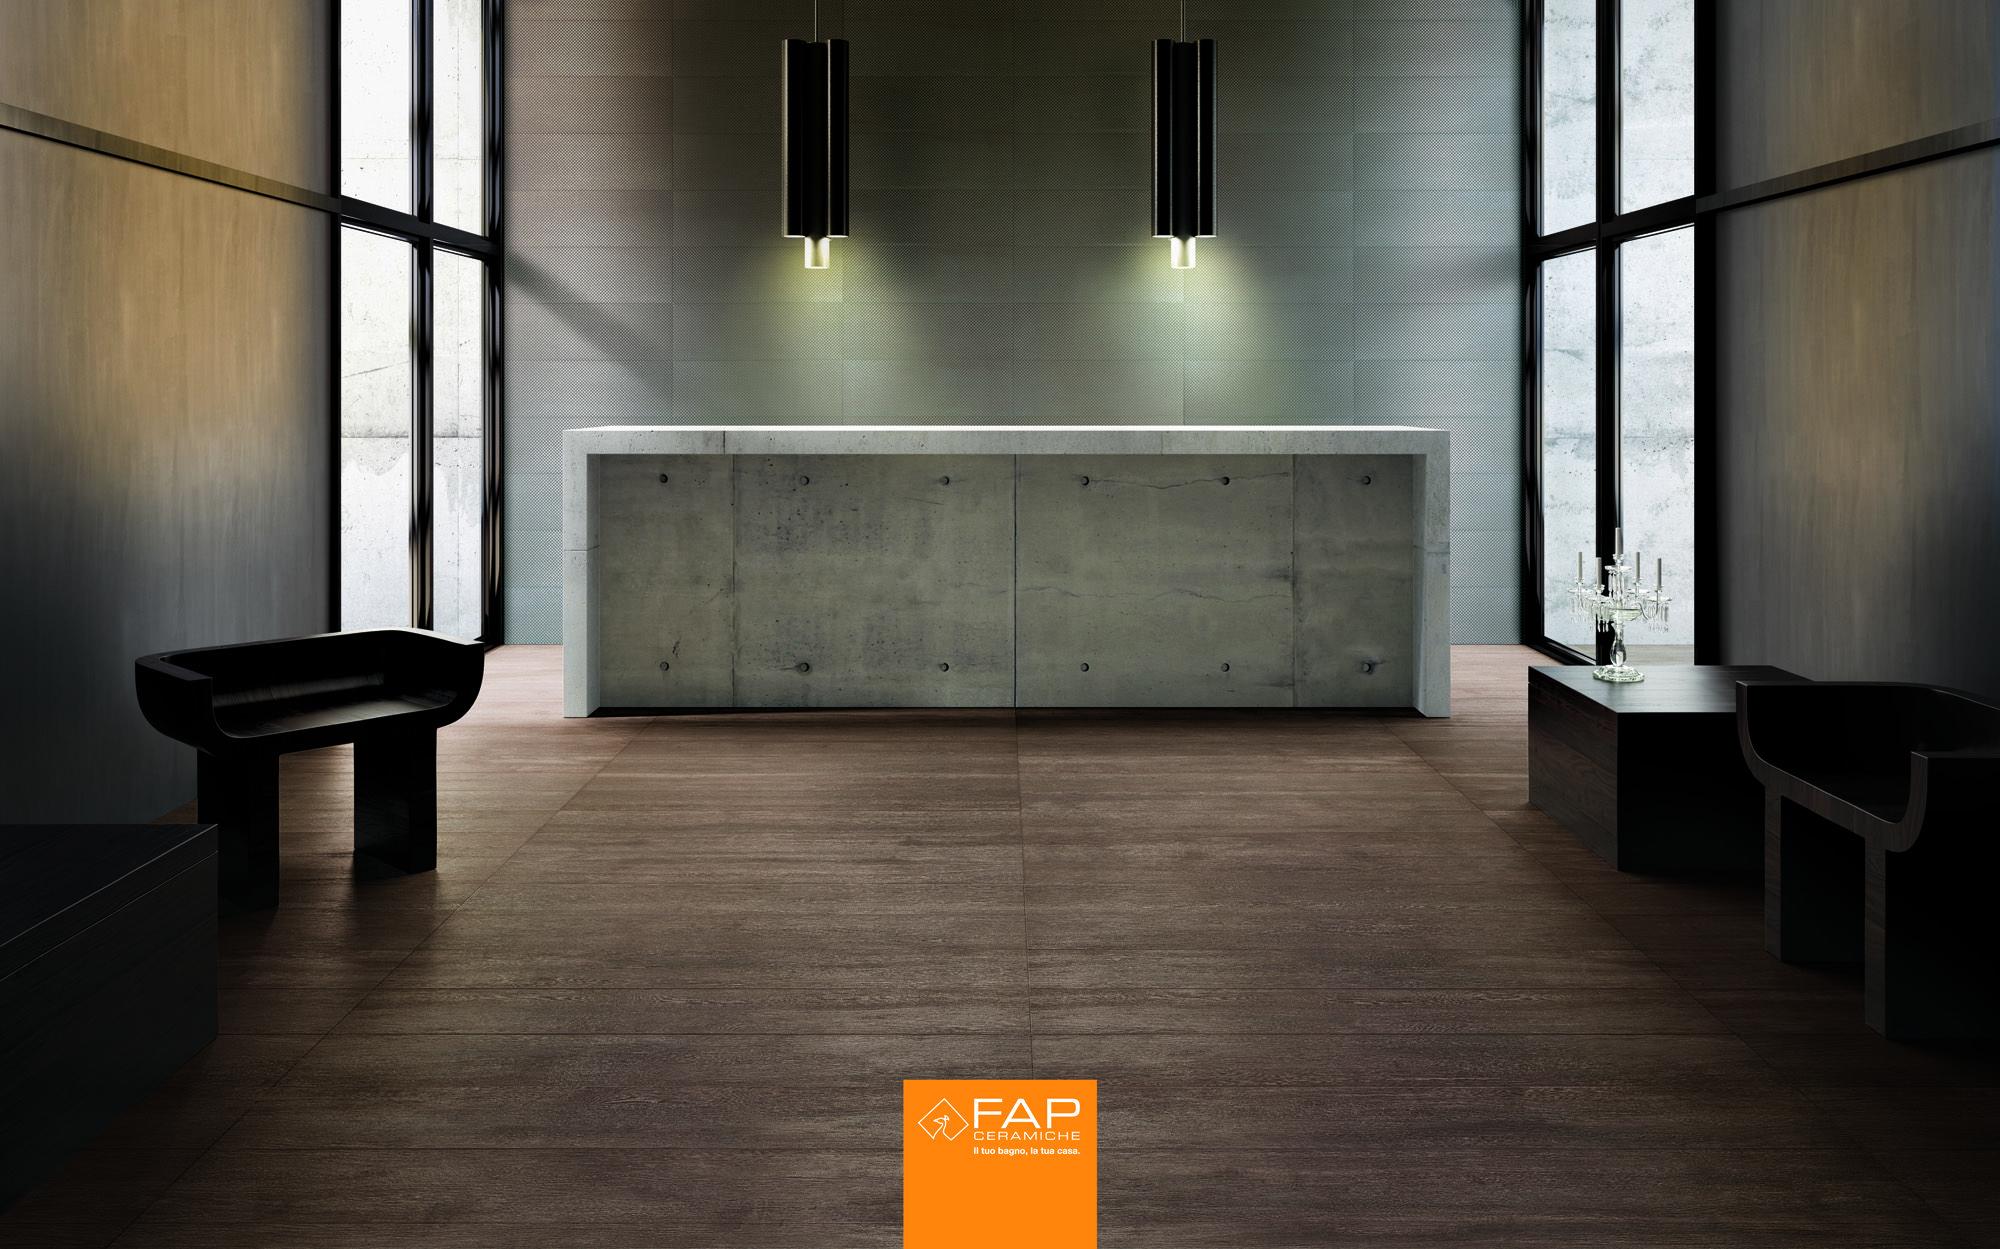 Collezione #Docks #FAPCeramiche  http://www.fapceramiche.com/piastrelle-gres-porcellanato-fap/170-docks.jsp